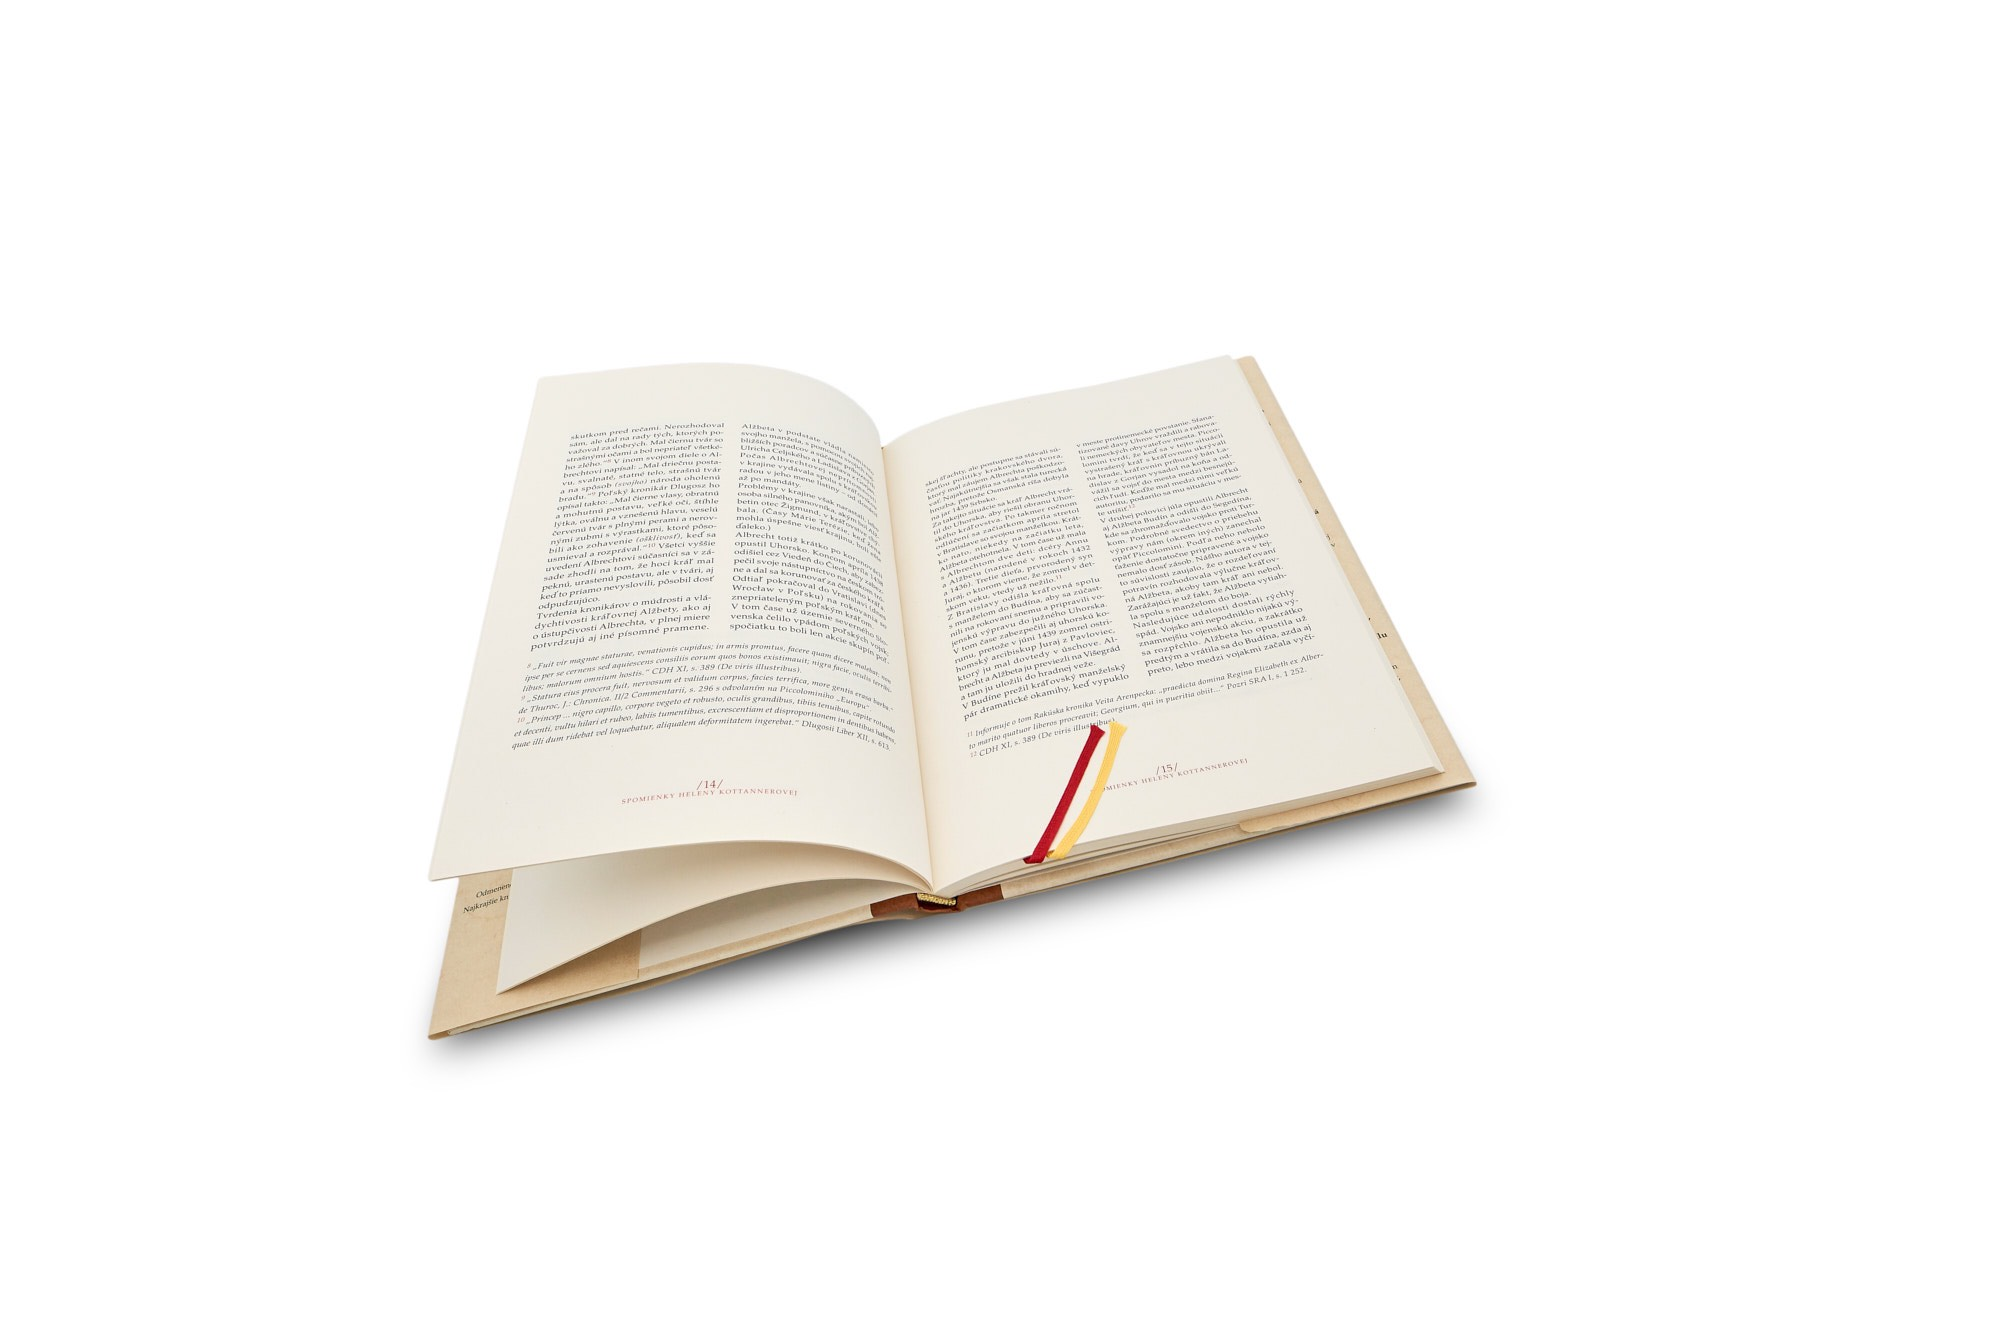 https://vydavatelstvorak.sk/wp-content/uploads/2008/11/rak-fotenie-kniha-kotta-68.jpg